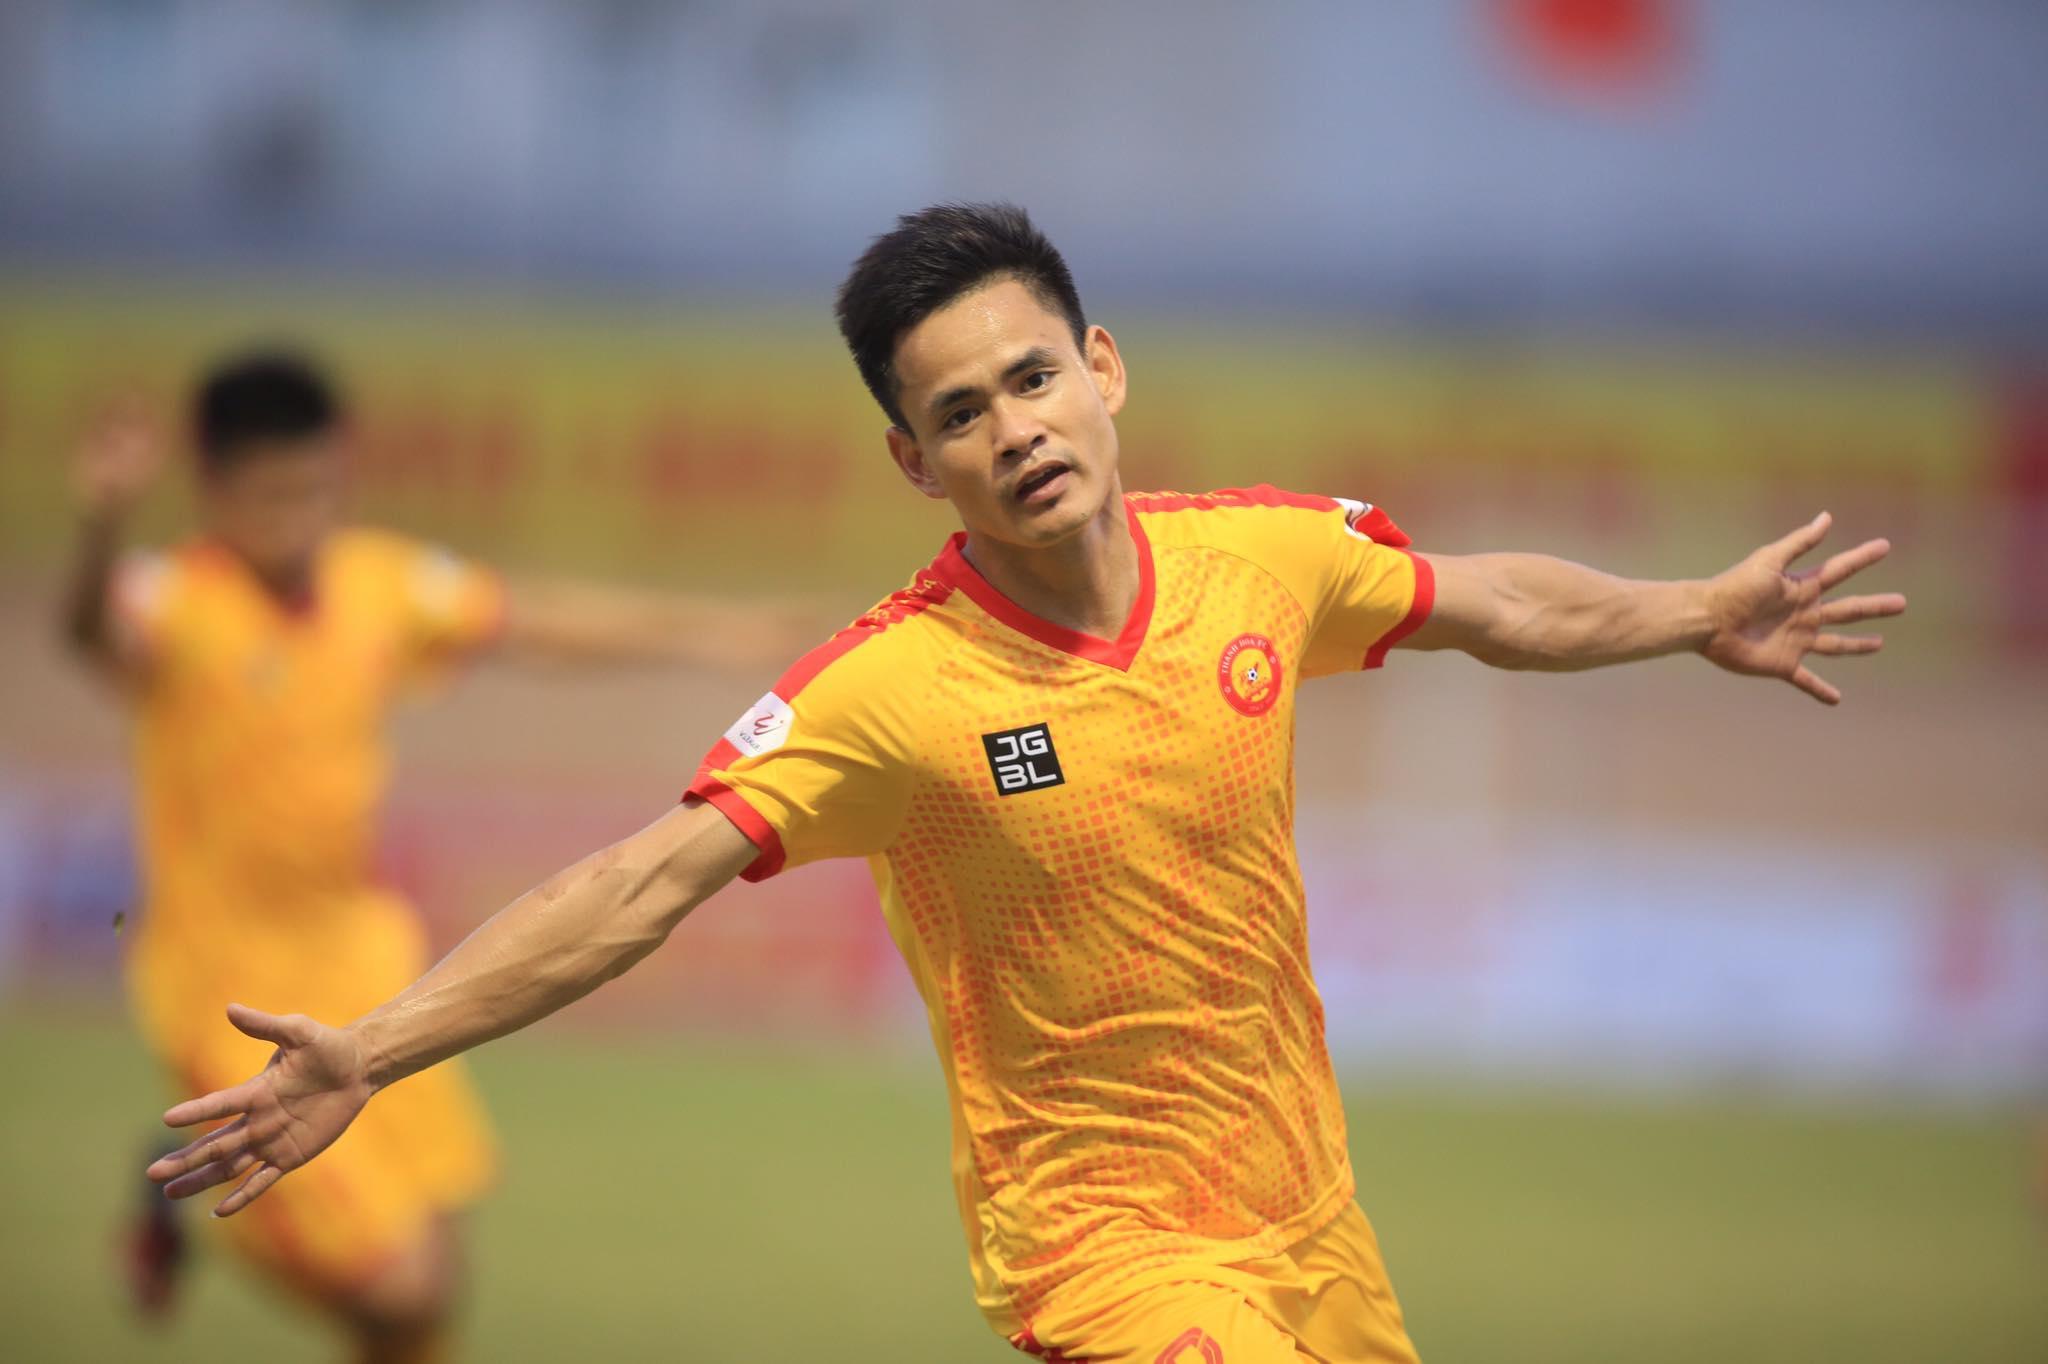 Niềm vui của Đình Tùng sau bàn mở tỷ số trận đấu - Ảnh: Minh Tuấn